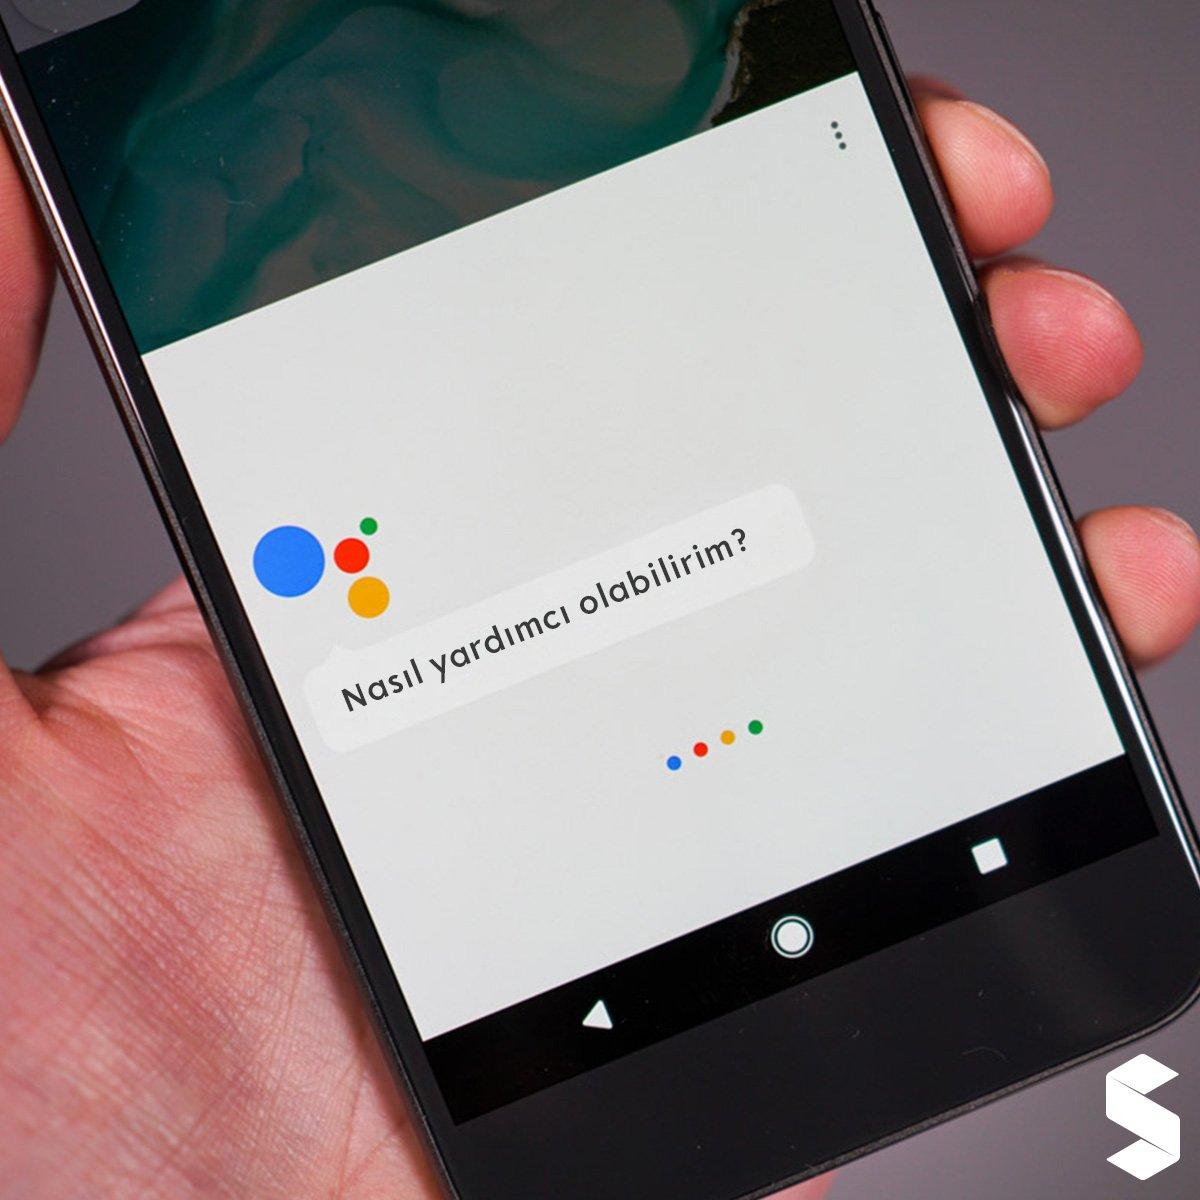 Как вызвать google ассистента с помощью голосовой команды